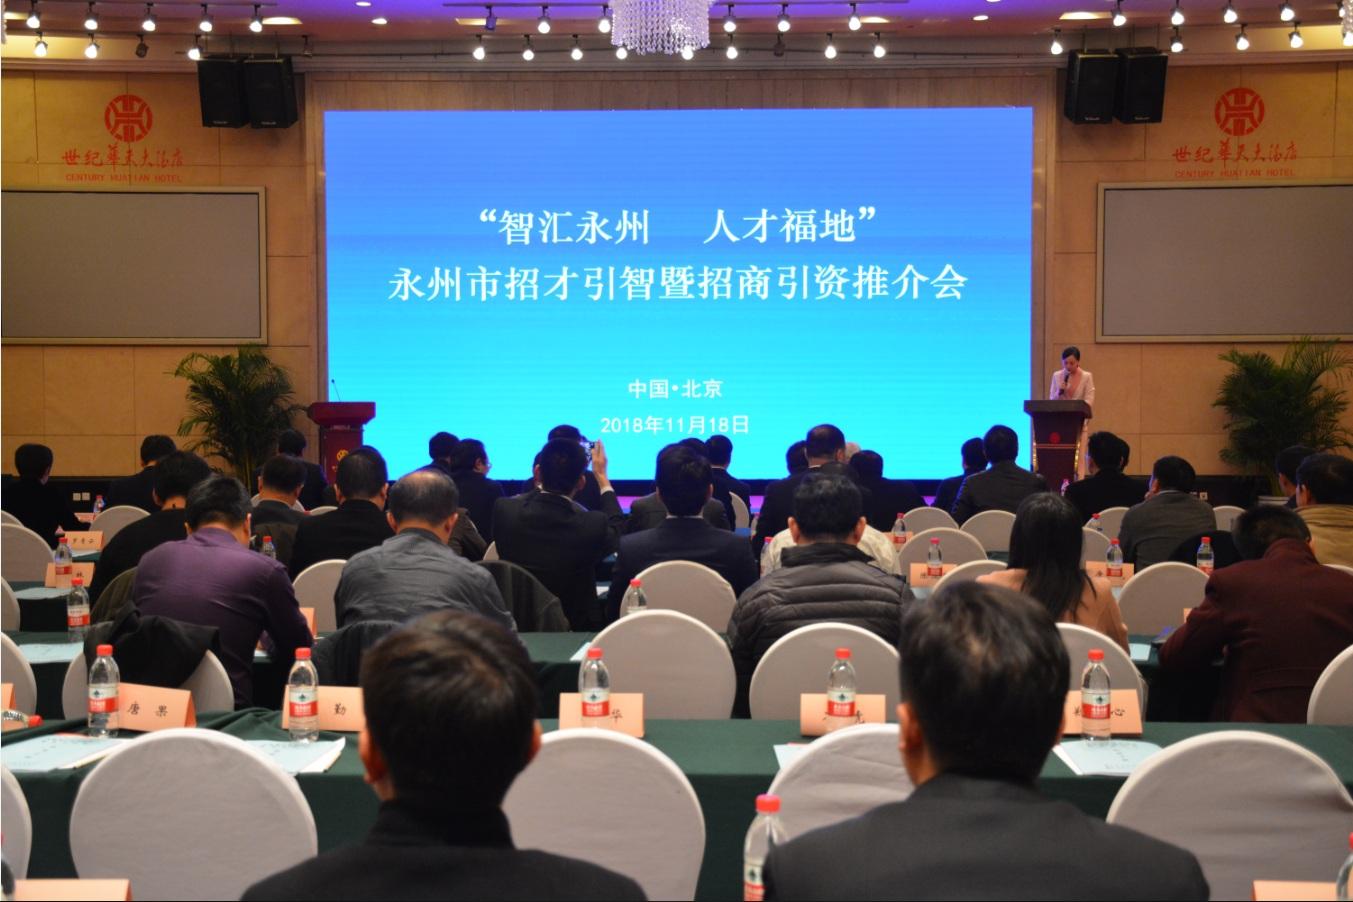 永州在京举办招才引智暨招商引资专场推介会 现场签订项目32个,千余岗位广纳贤才